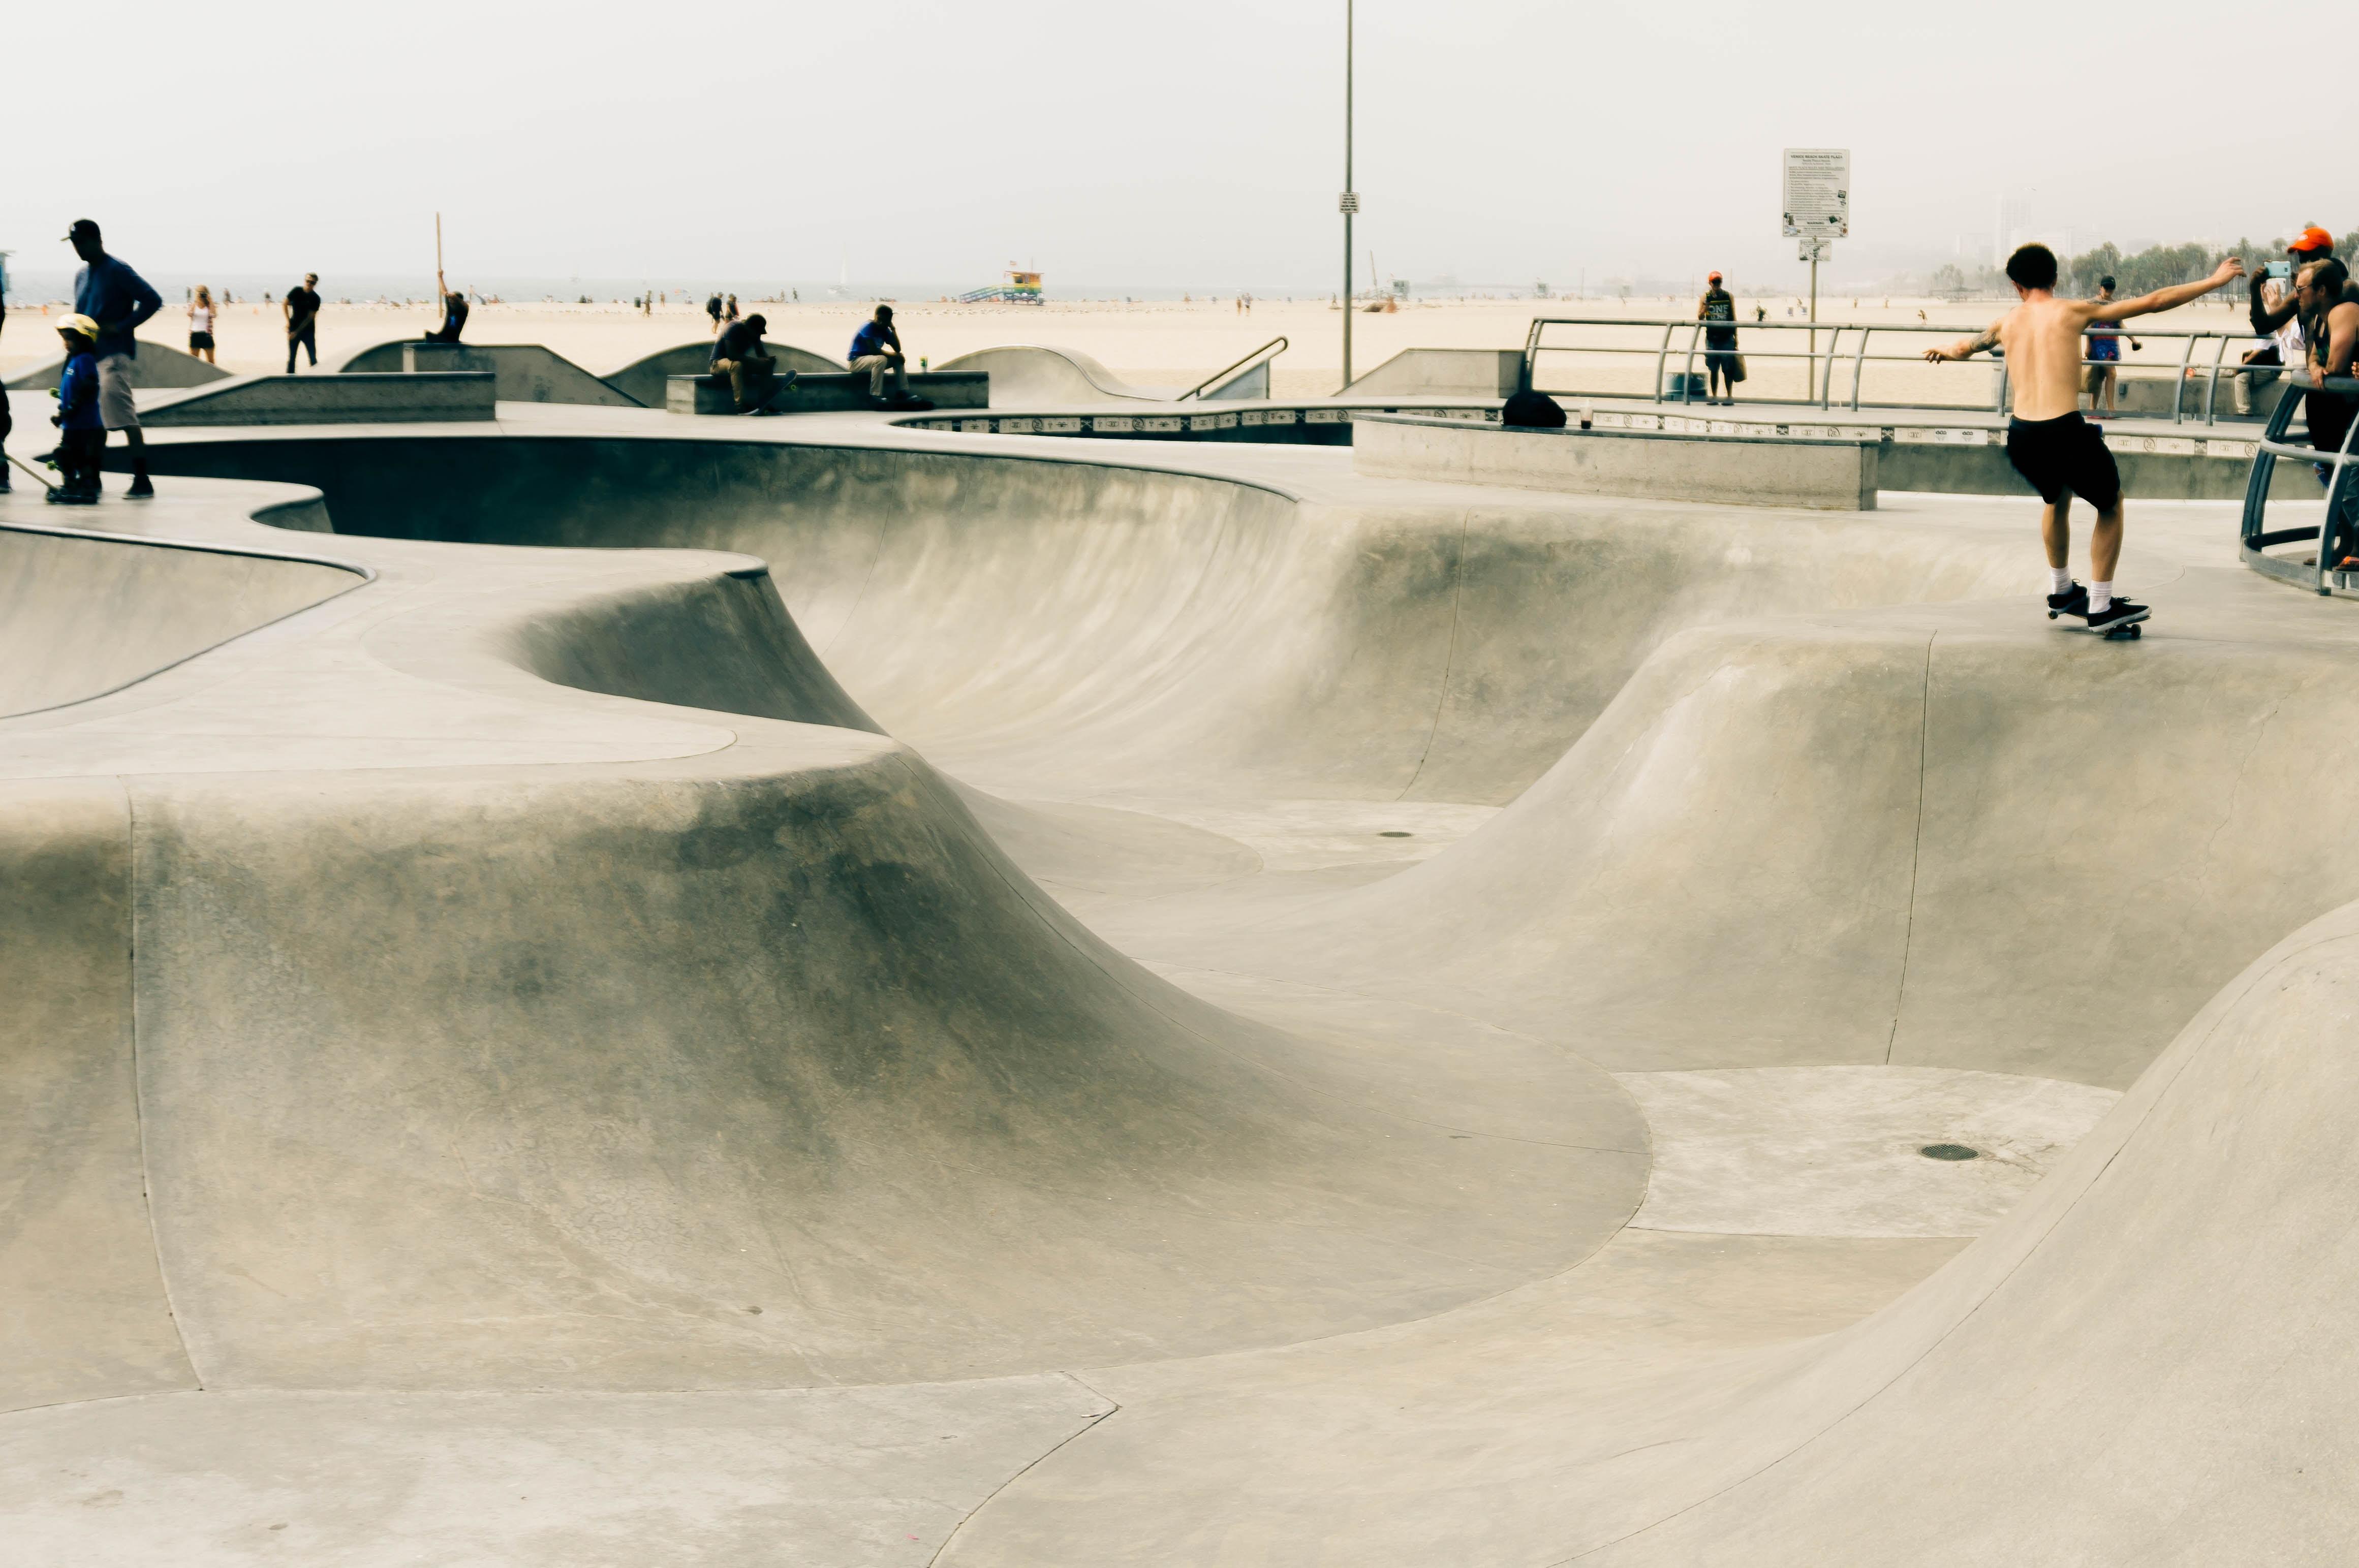 men riding skateboard at daytime